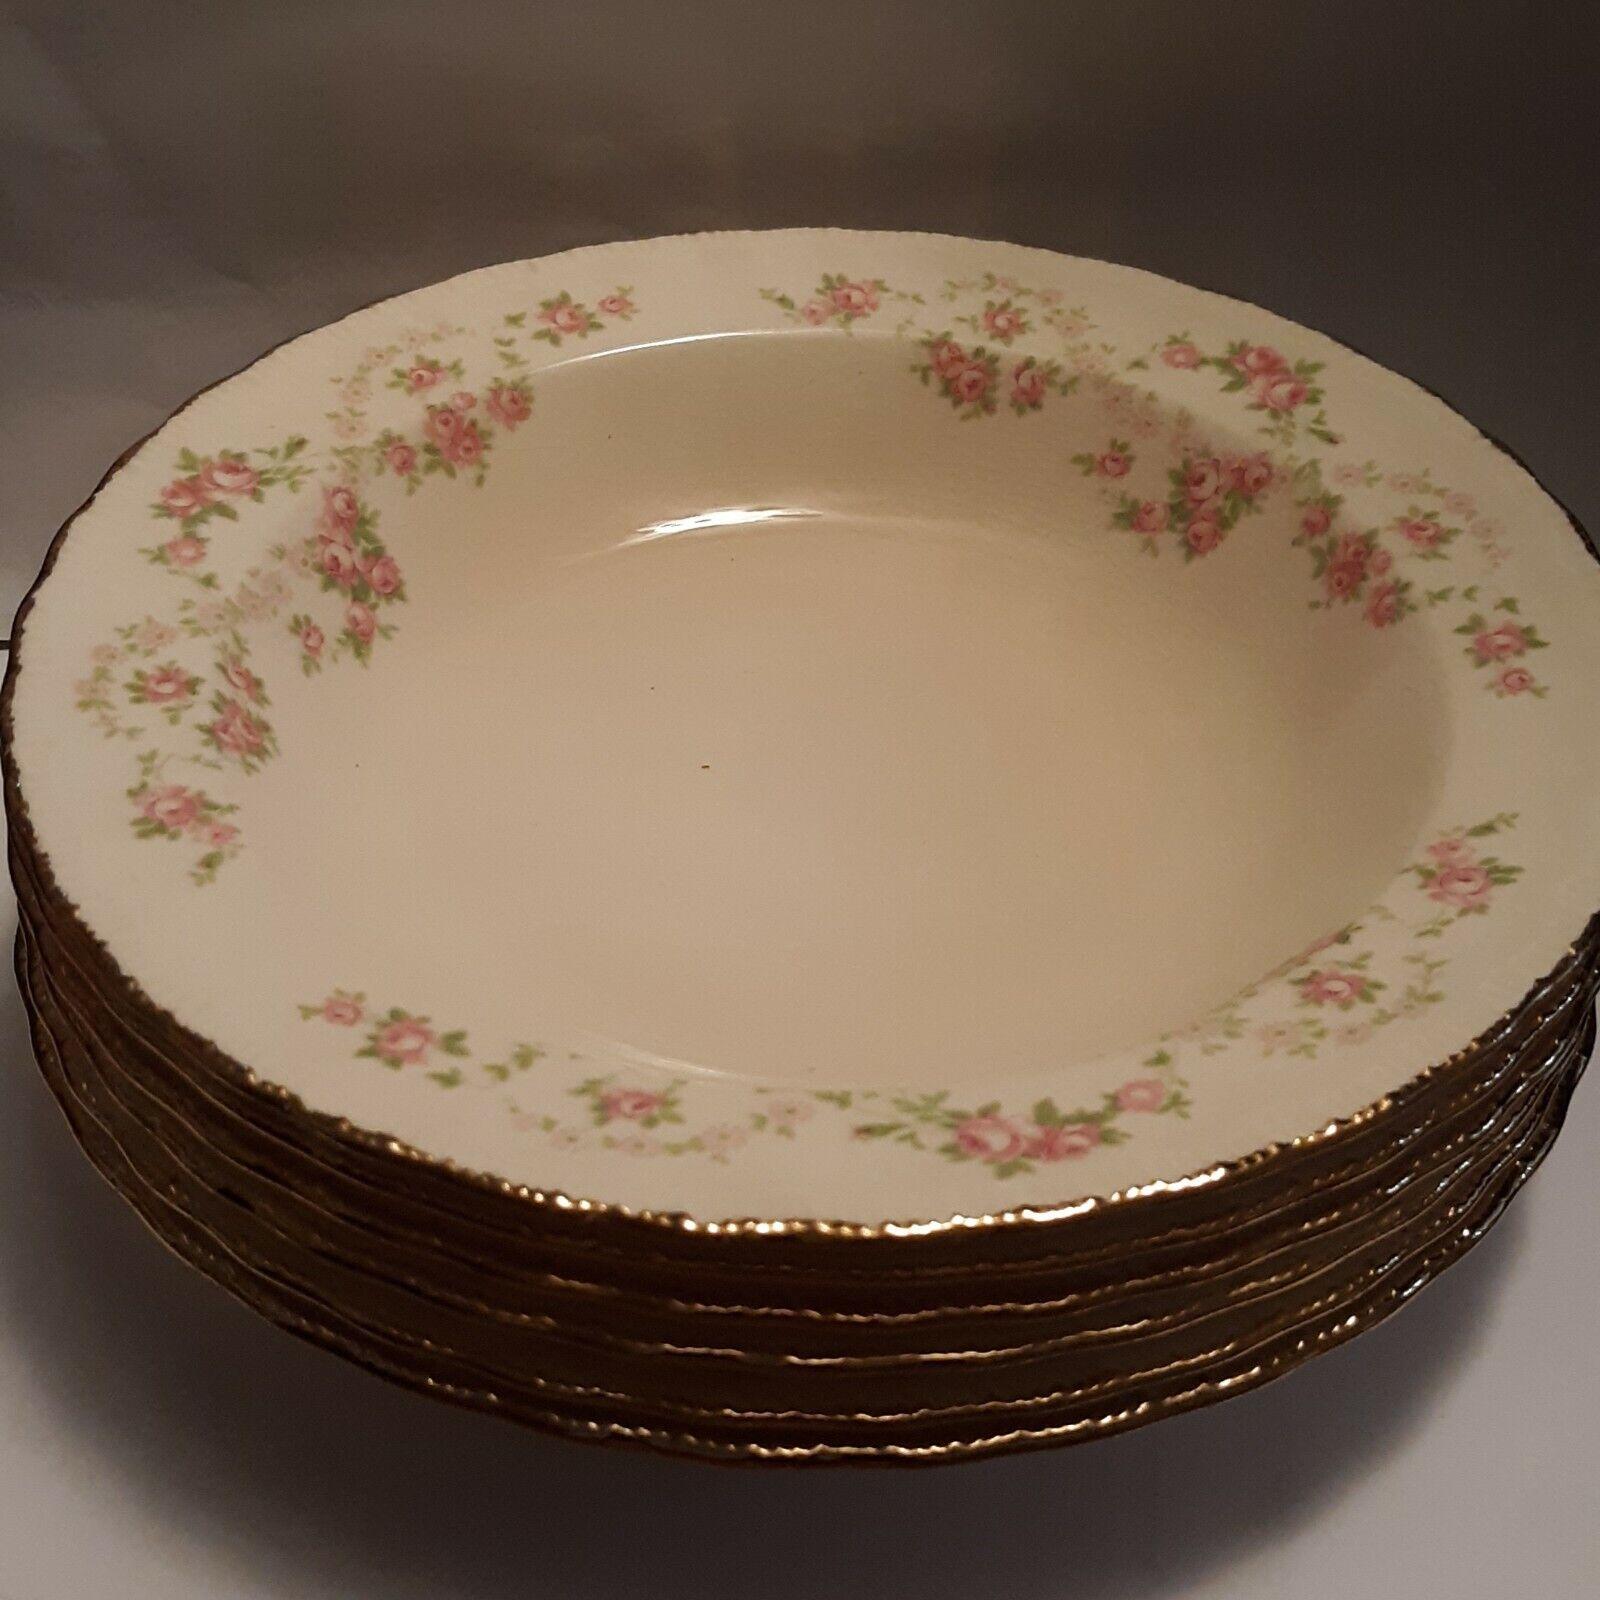 Set Of 4 Vintage POPE GOSSER Florence Soup Bowls Gold Rim W/Pink Flowers 7 7/8  - $11.99